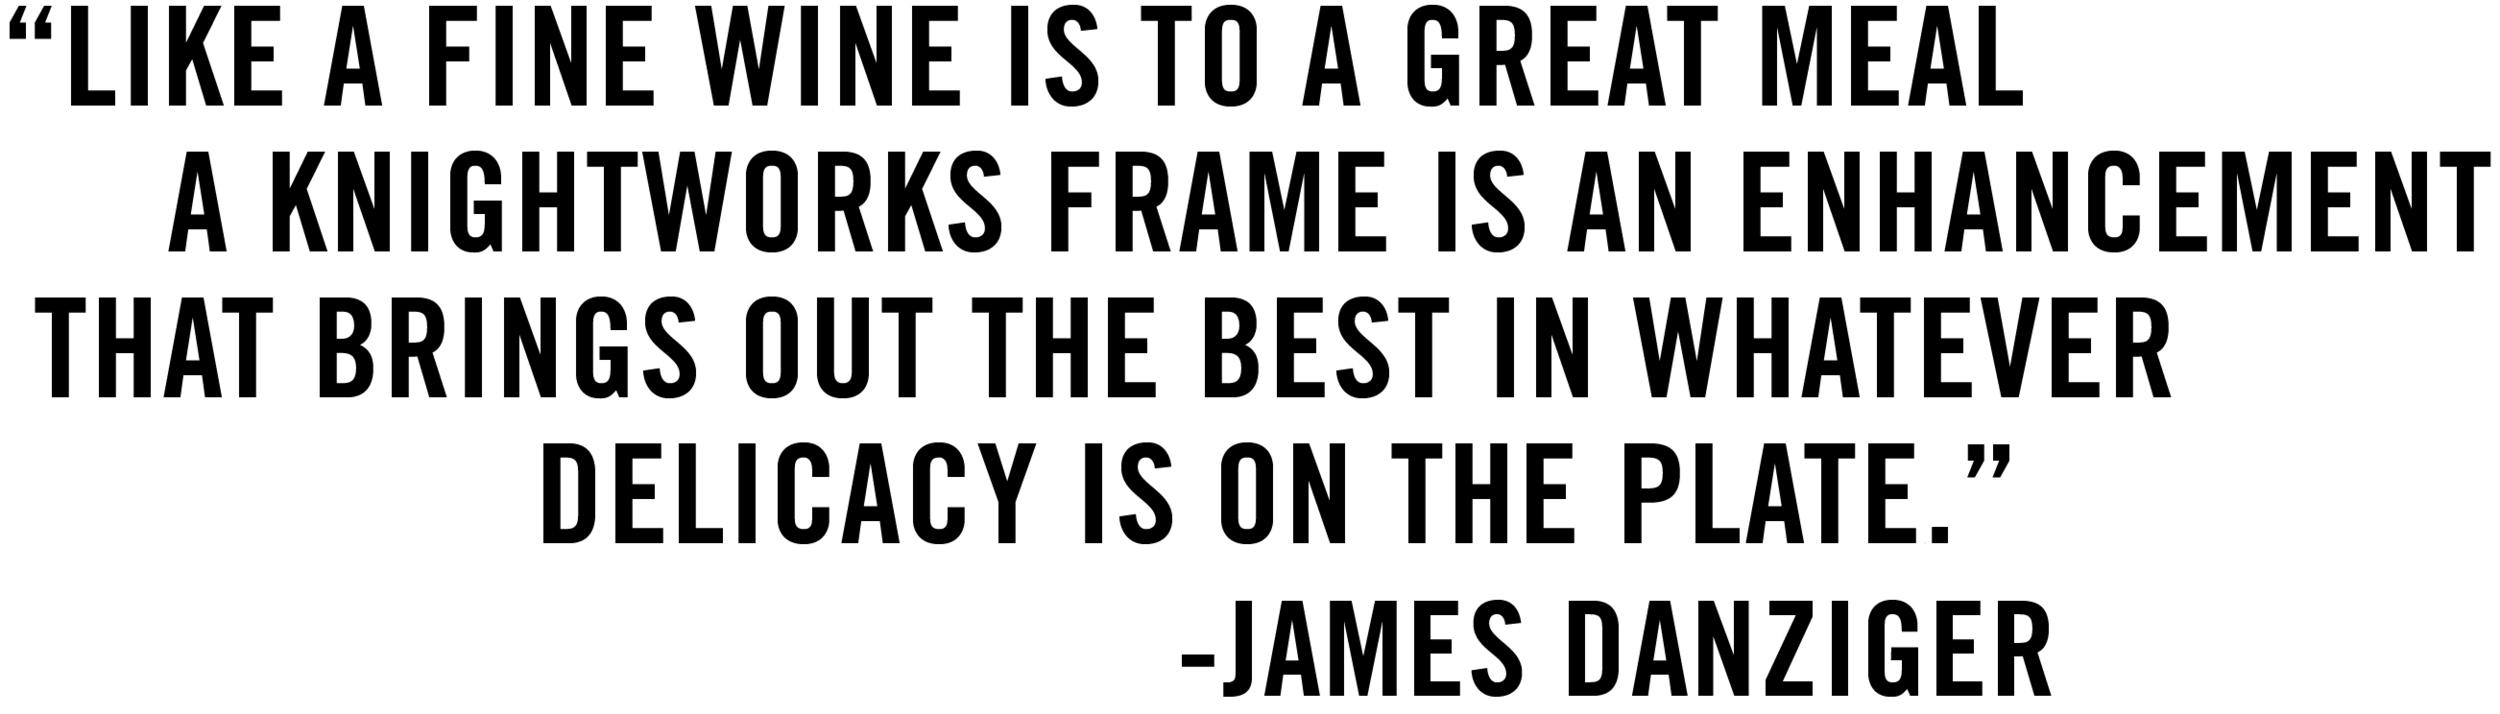 BLURBS black rev James Danziger.jpg